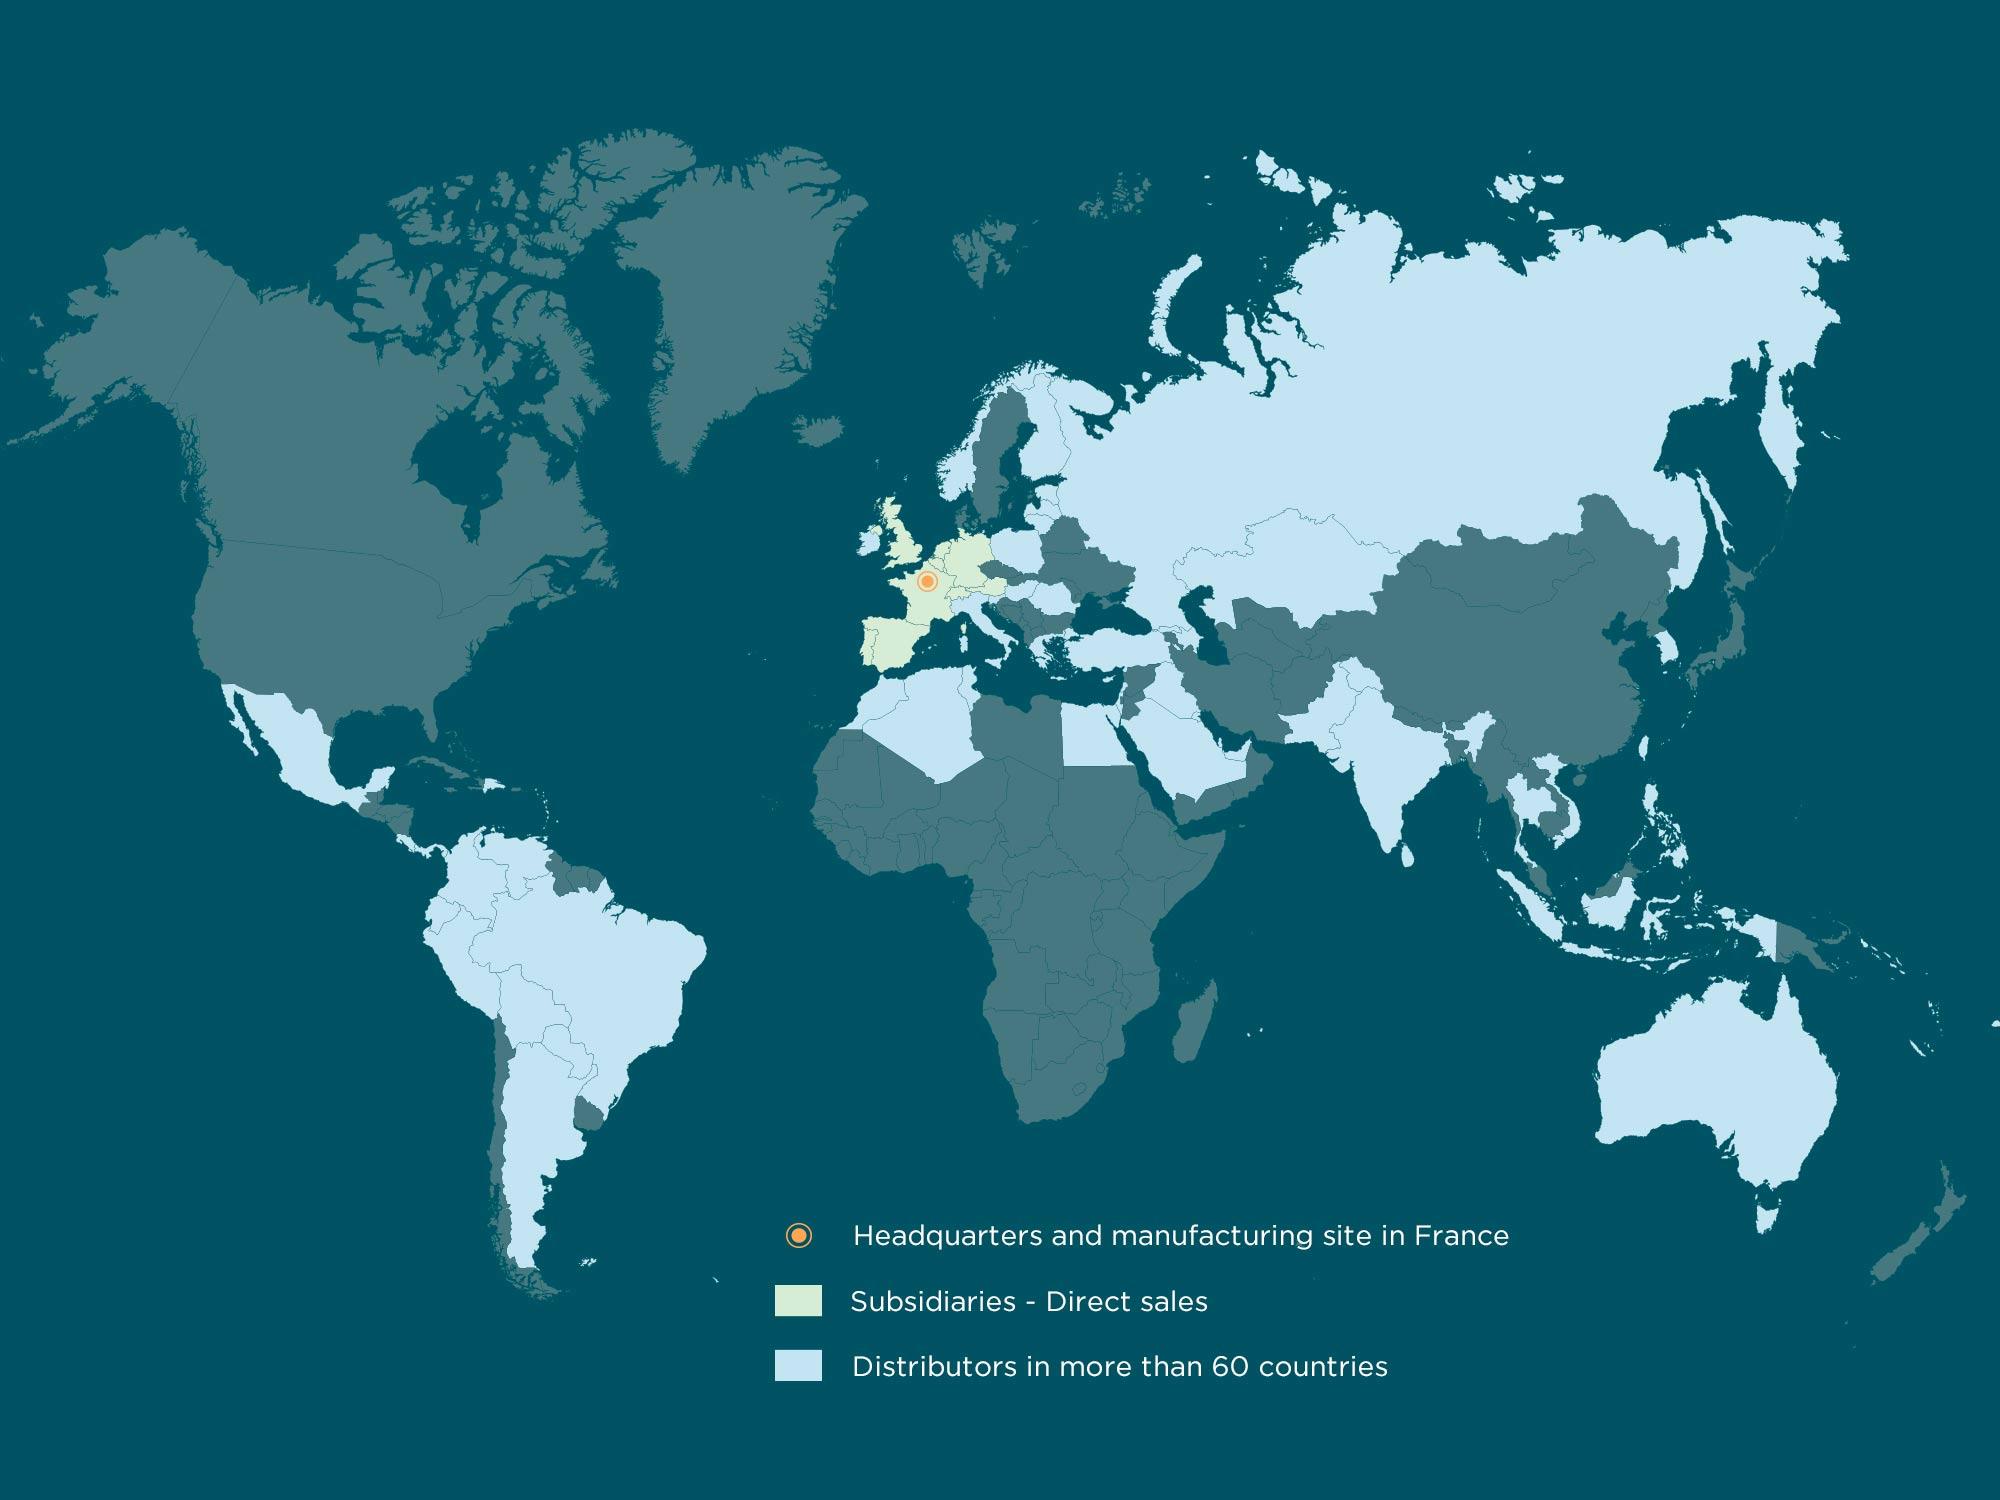 Sebbin map distributors